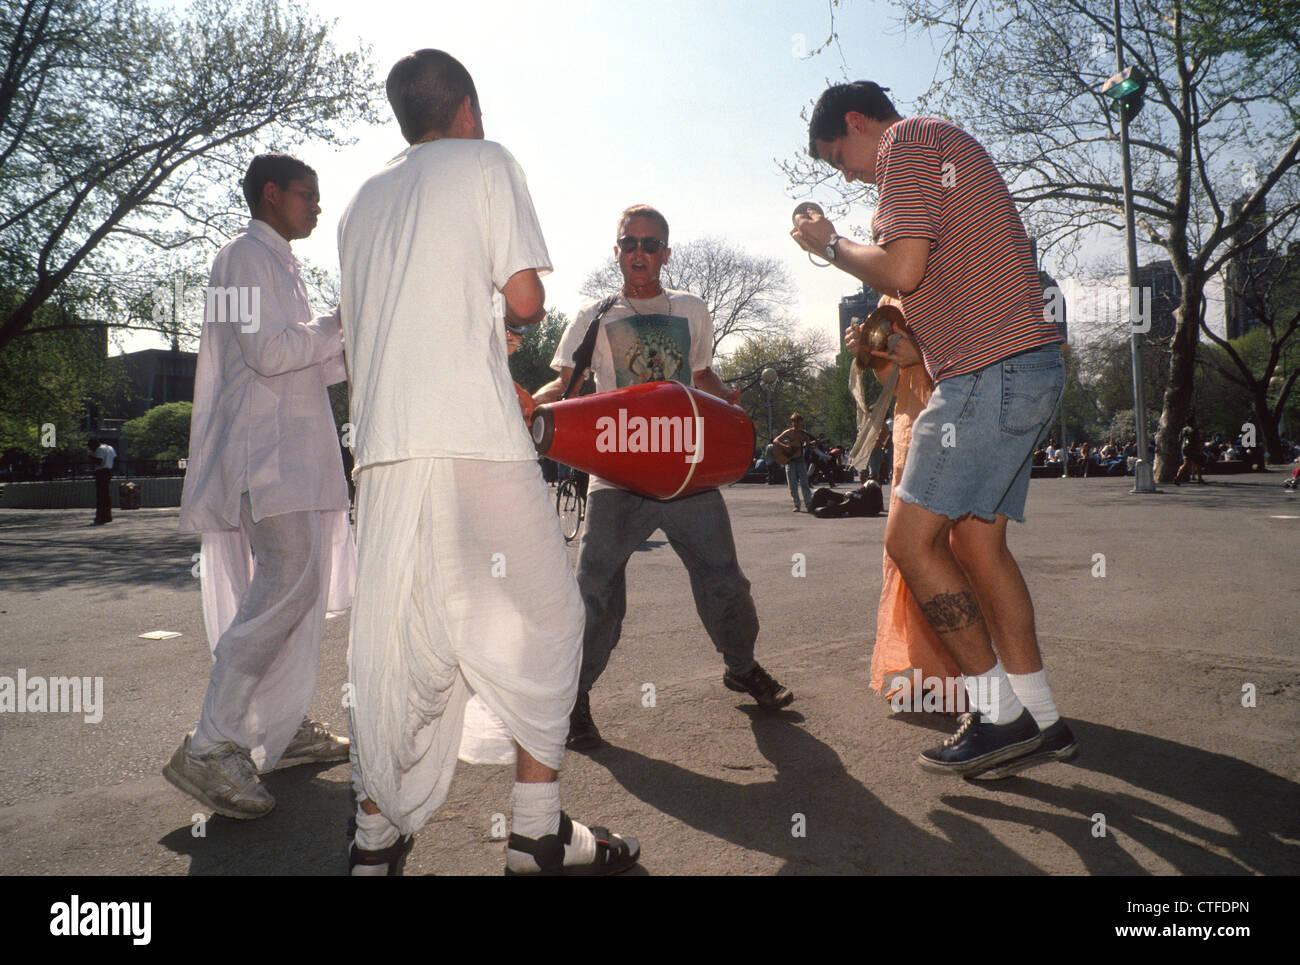 New York, NY - Uomo ballando con Hare Krishna in Washington Square Park Foto Stock